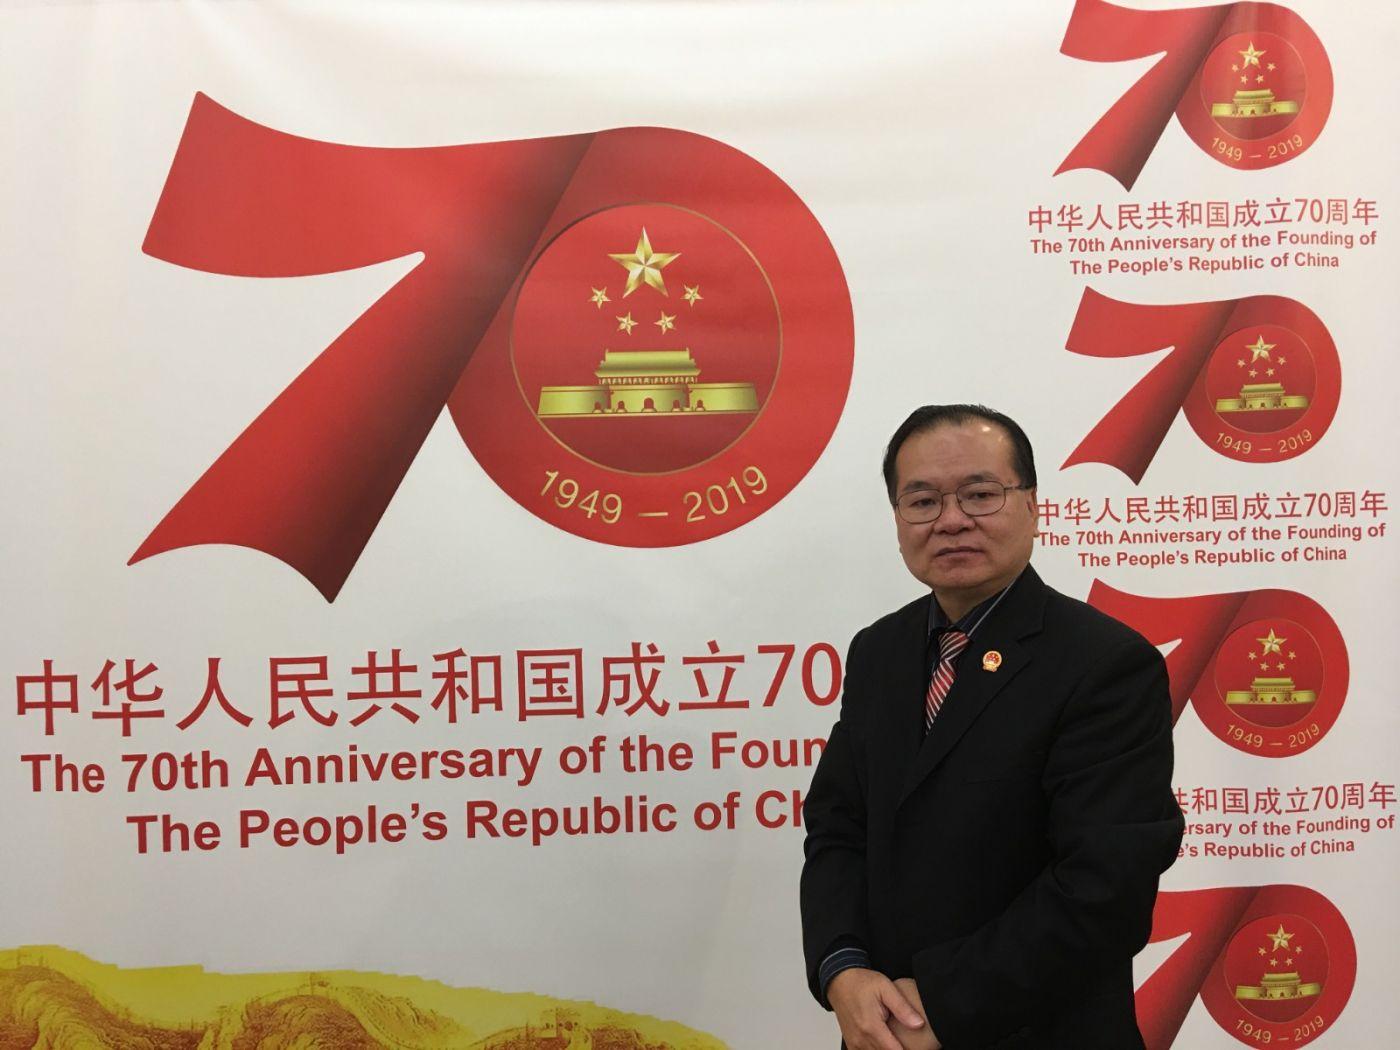 中国驻纽约总领事馆舉辦庆祝建国70周年招待會_图1-47